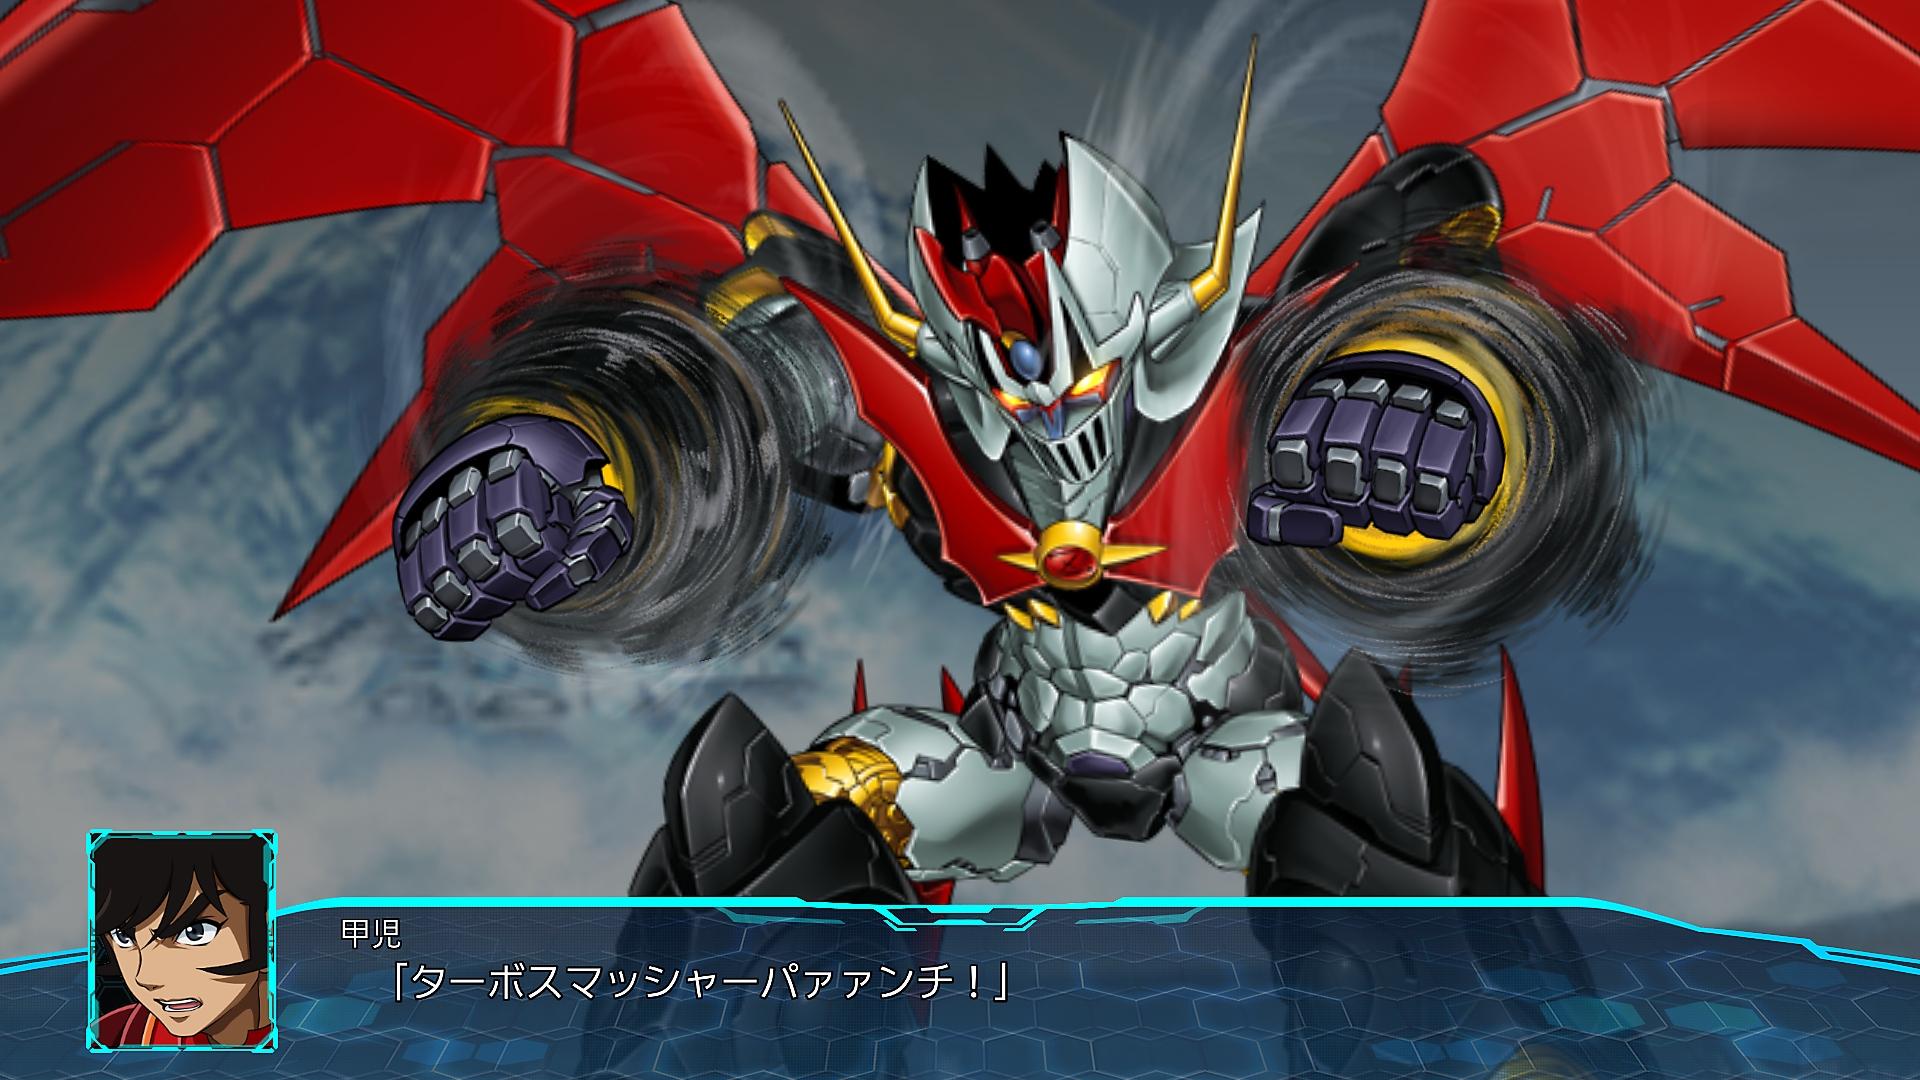 スーパーロボット大戦30 - Gallery Screenshot 2